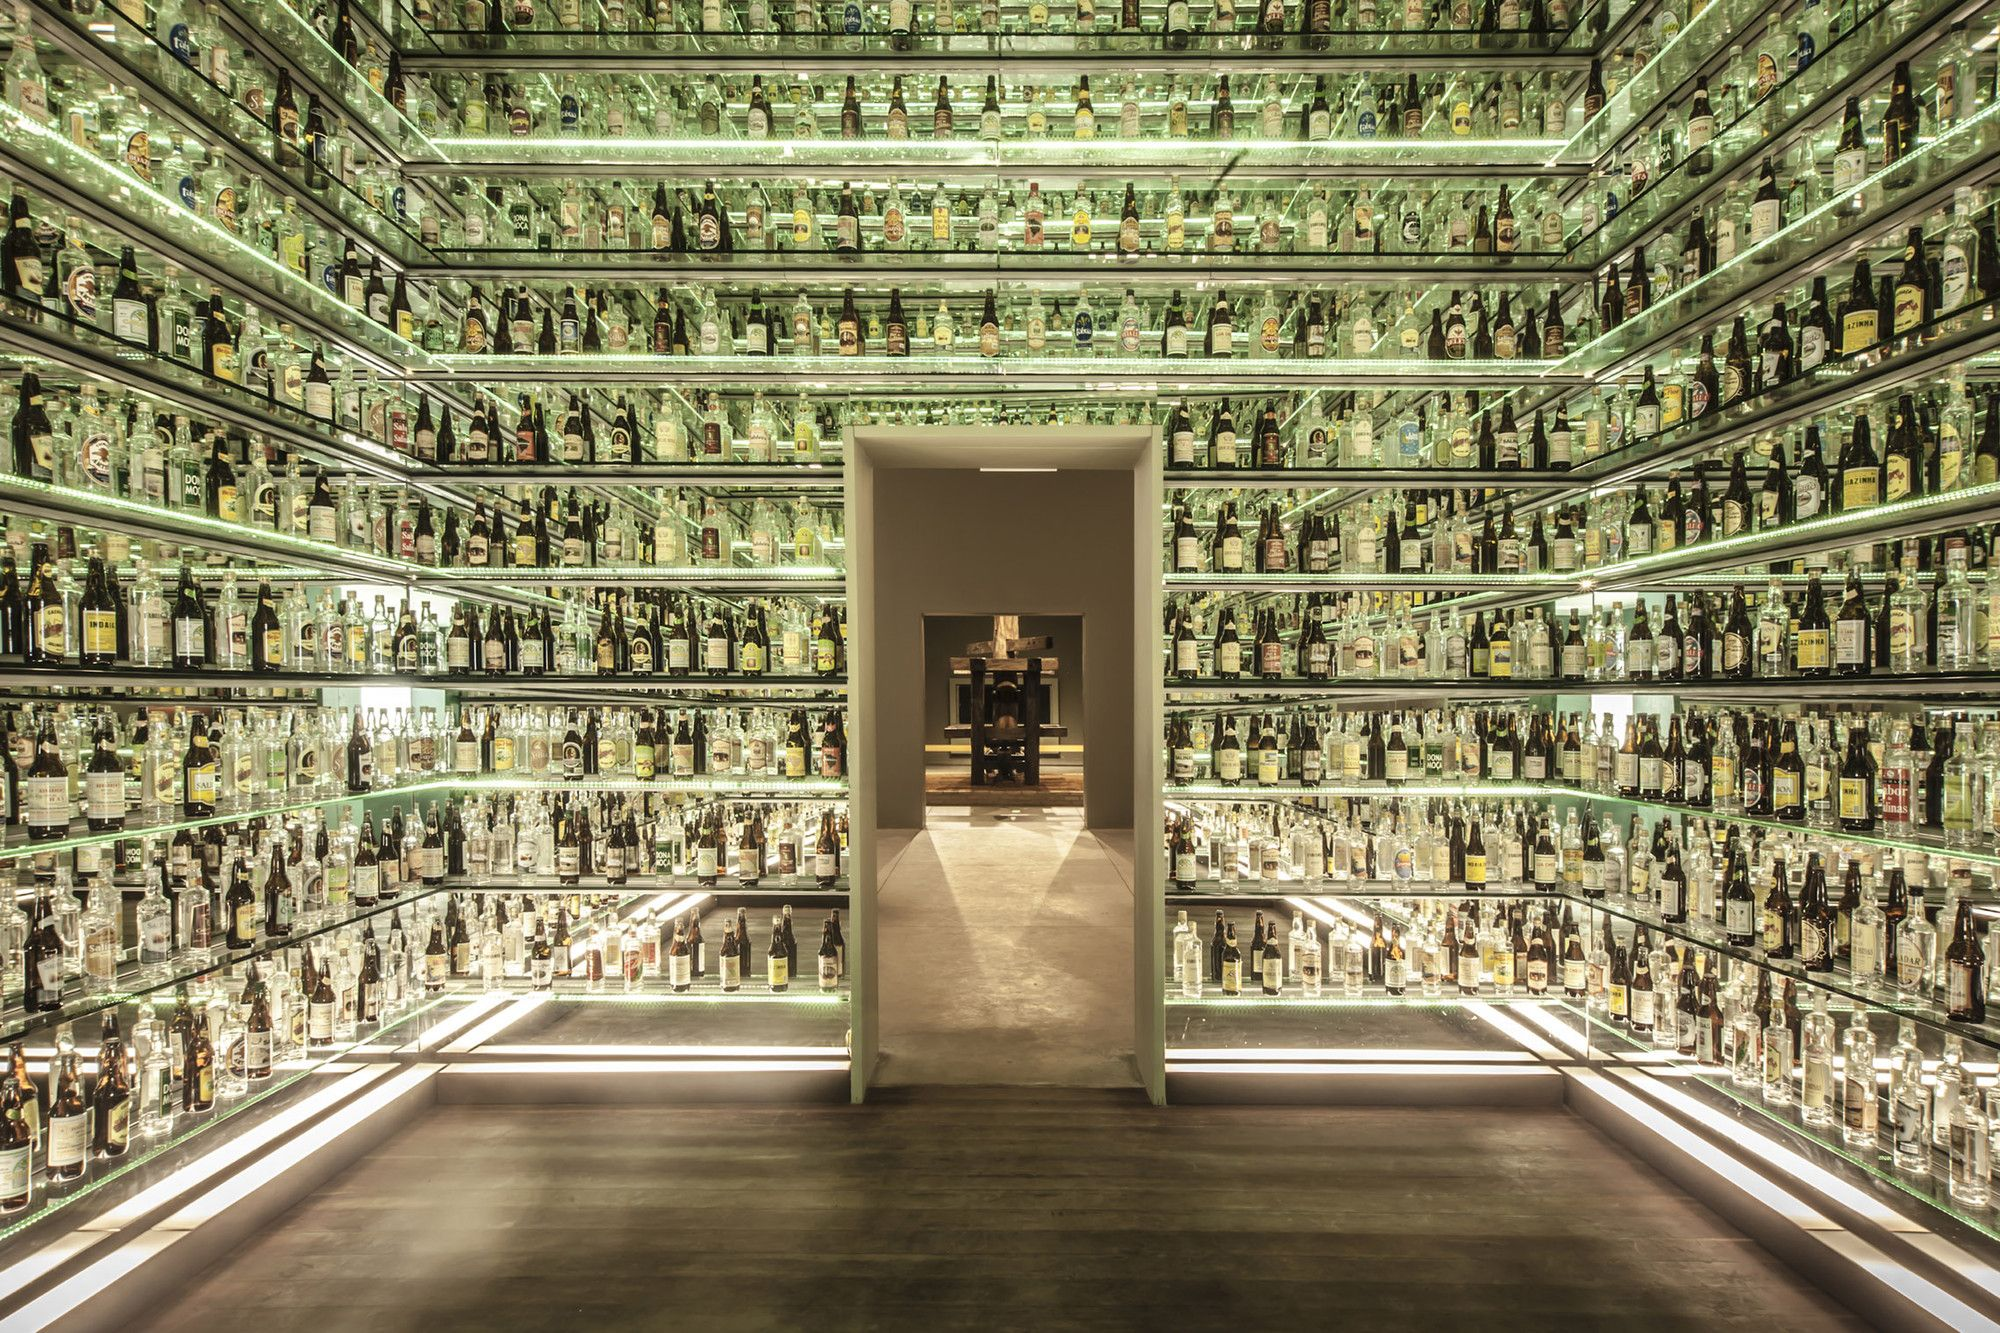 Galeria de Museu da Cachaça / Jô Vasconcellos - 30